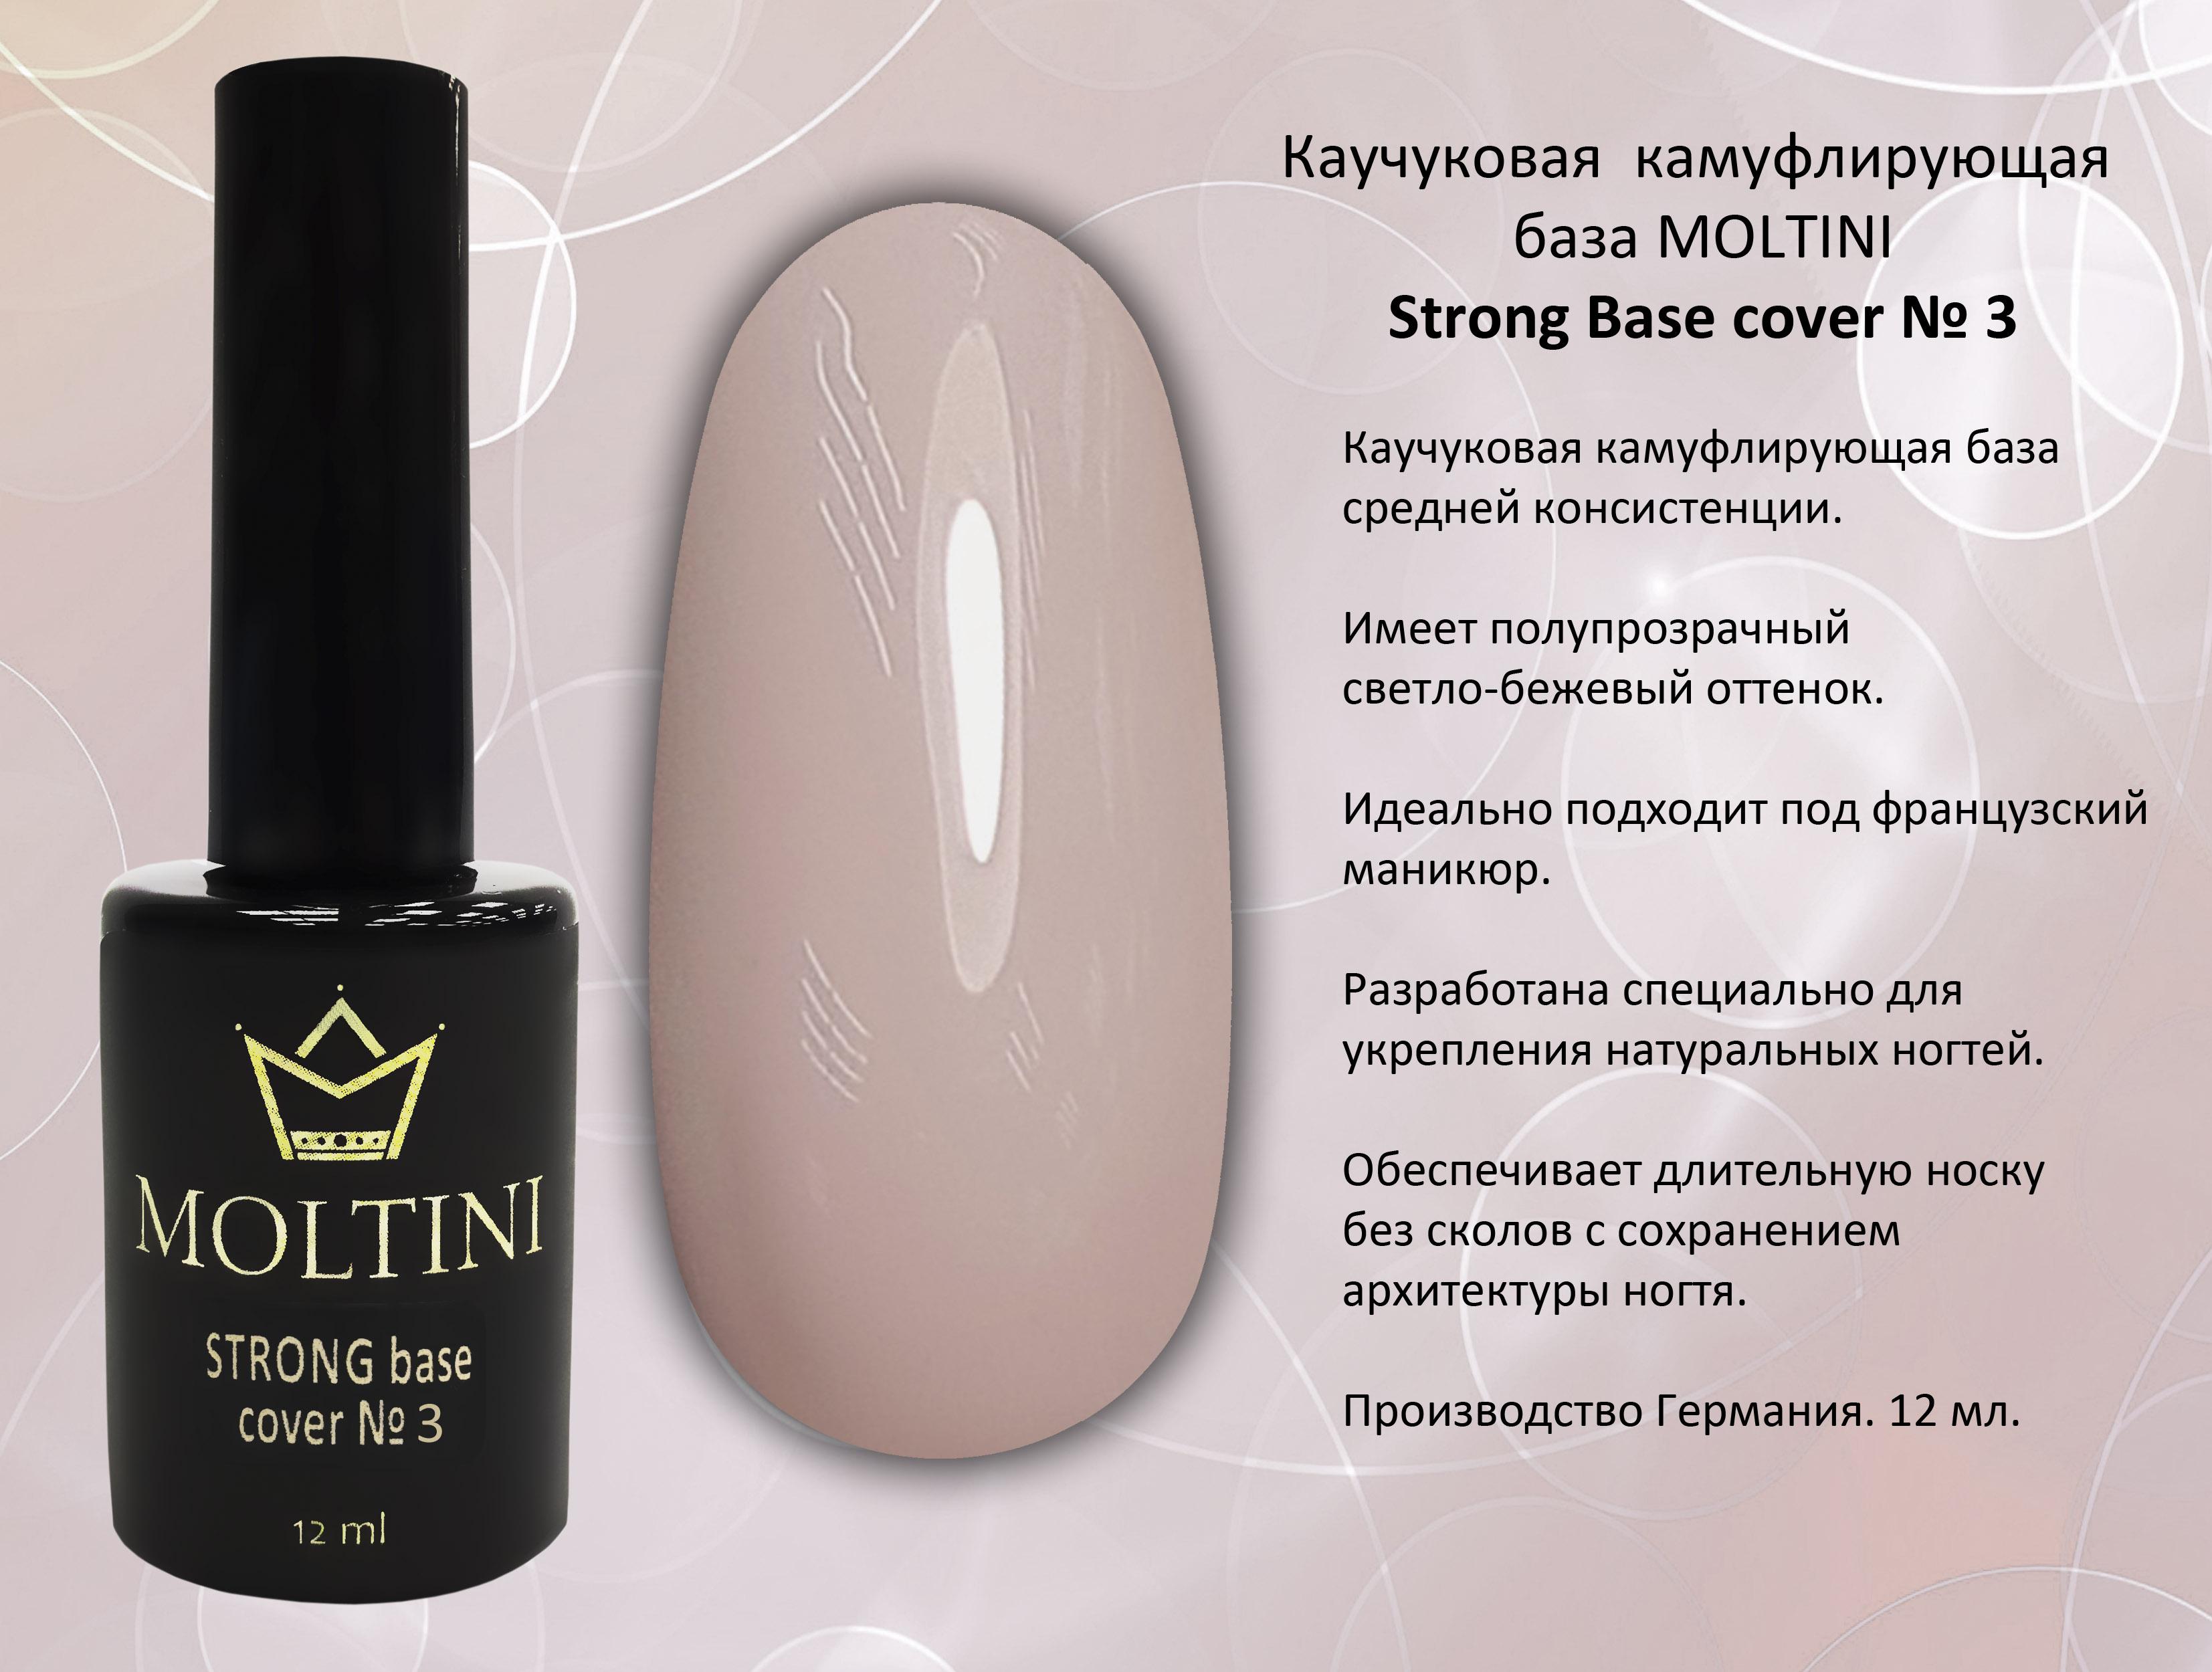 Каучуковая камуфлирующая база Moltini Strong Base №3, 12 ml